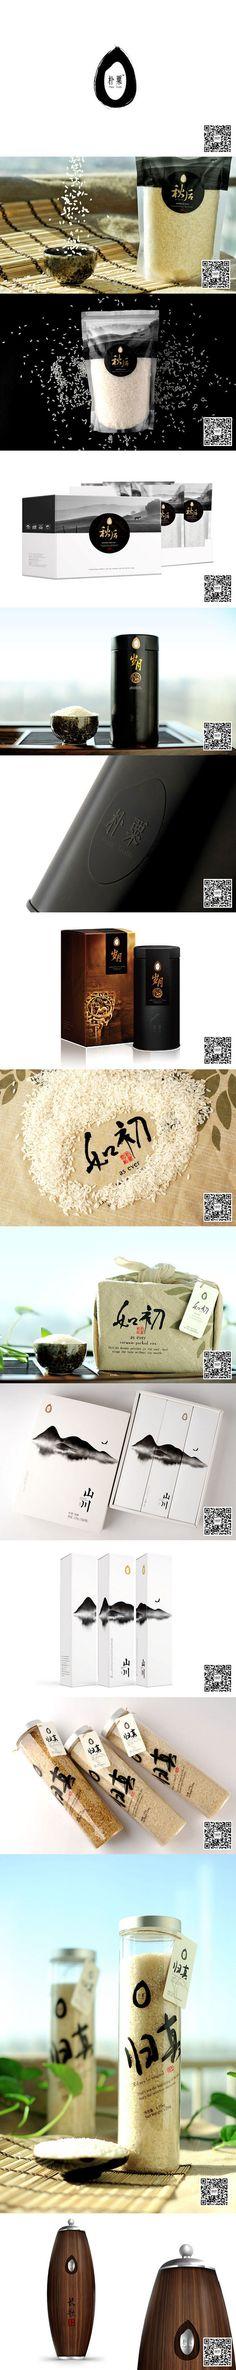 西林设计——创新的高端大米包装设计